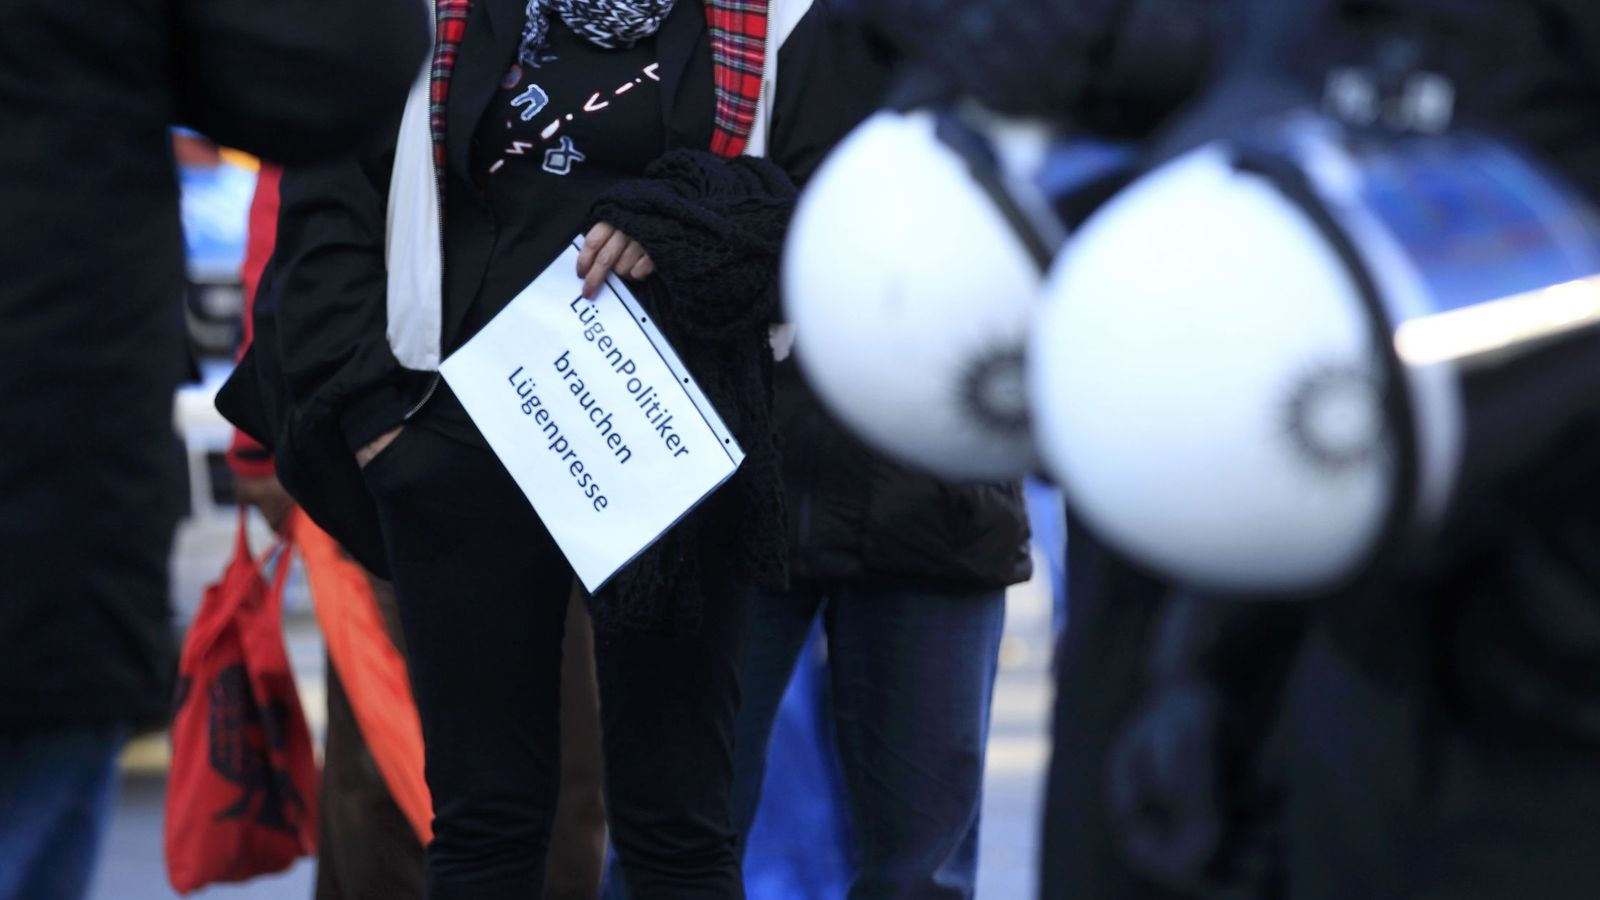 """Foto: Una mujer enarbola un cartel que dice """"Los políticos mentirosos necesitan una prensa mentirosa"""", durante una marcha de Pegida en Colonia, el 9 de enero de 2016 (Reuters)"""